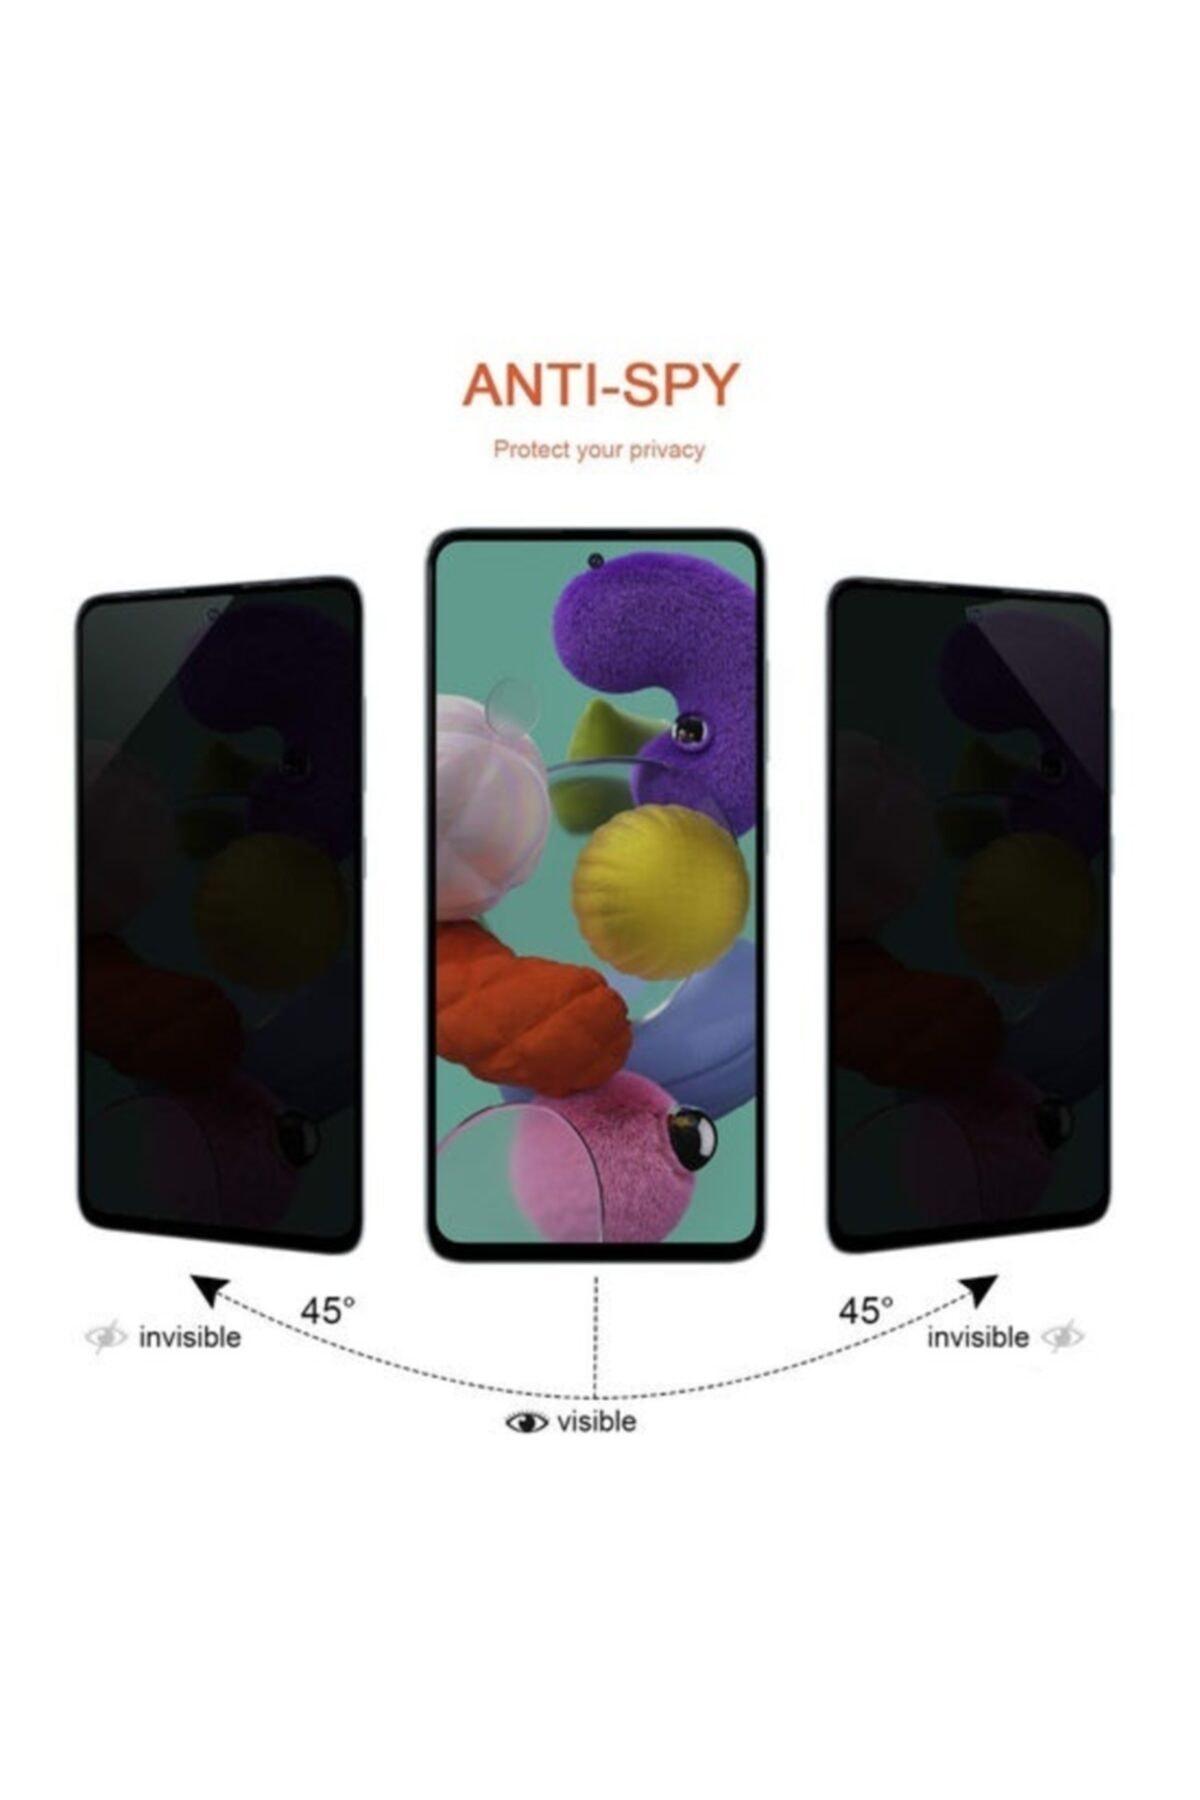 Zengin Çarşım Samsung Galaxy A51 Kavisli Gizlilik Filtreli Hayalet Ekran Koruyucu